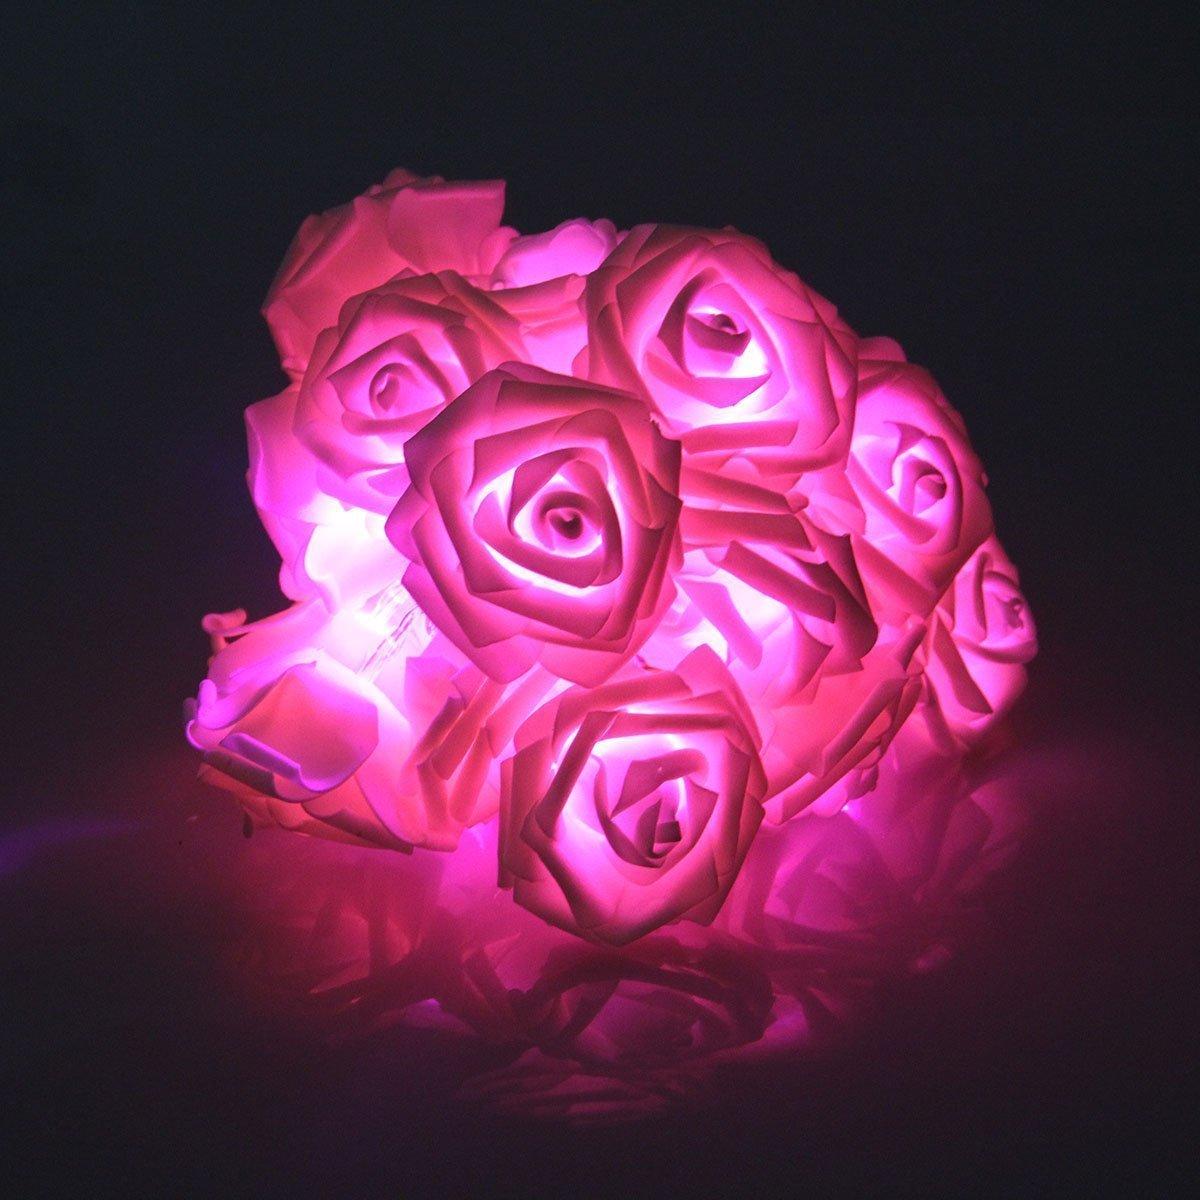 Batteriebetriebene Lichterkette mit 20LEDs in Rosenform, Blumen-Lichterkette für Hochzeiten, Gartenpartys oder Weihnachten rose Bluelans